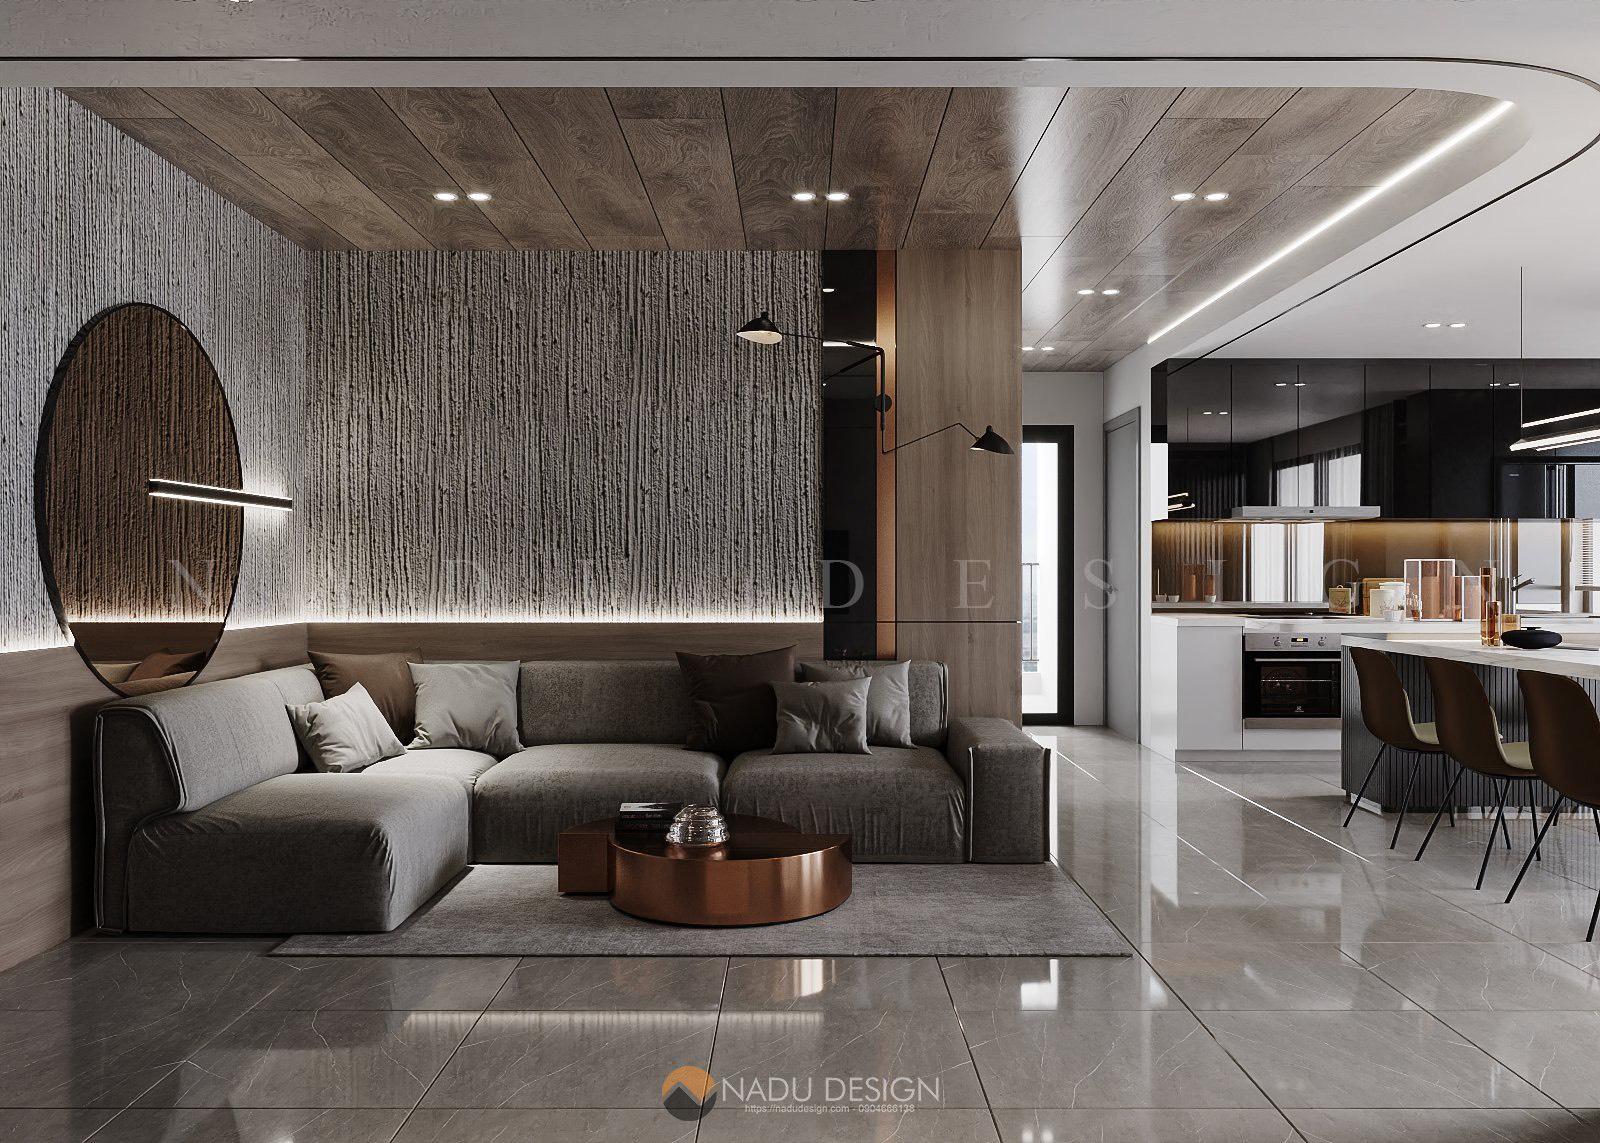 Thiếu kế nội thất căn hộ Vinhomes Smart City cực chất với tông xám tro